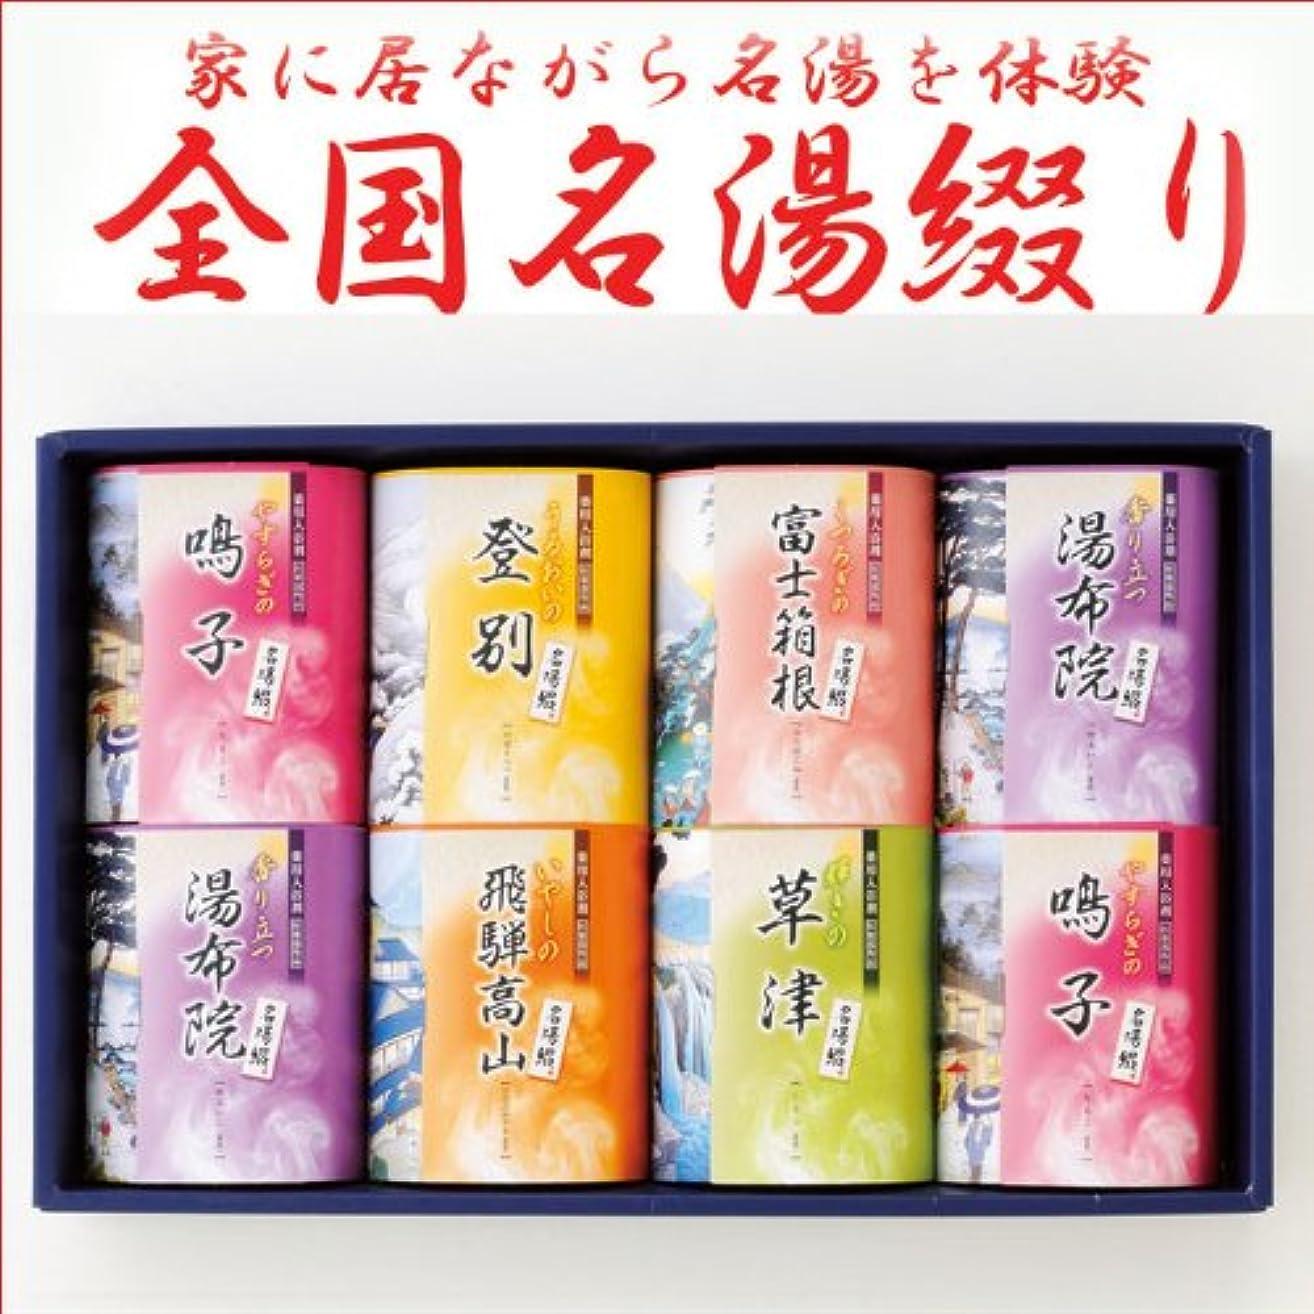 ジュラシックパーク証拠ロール日本全国名湯の温泉巡り入浴剤ギフトセット